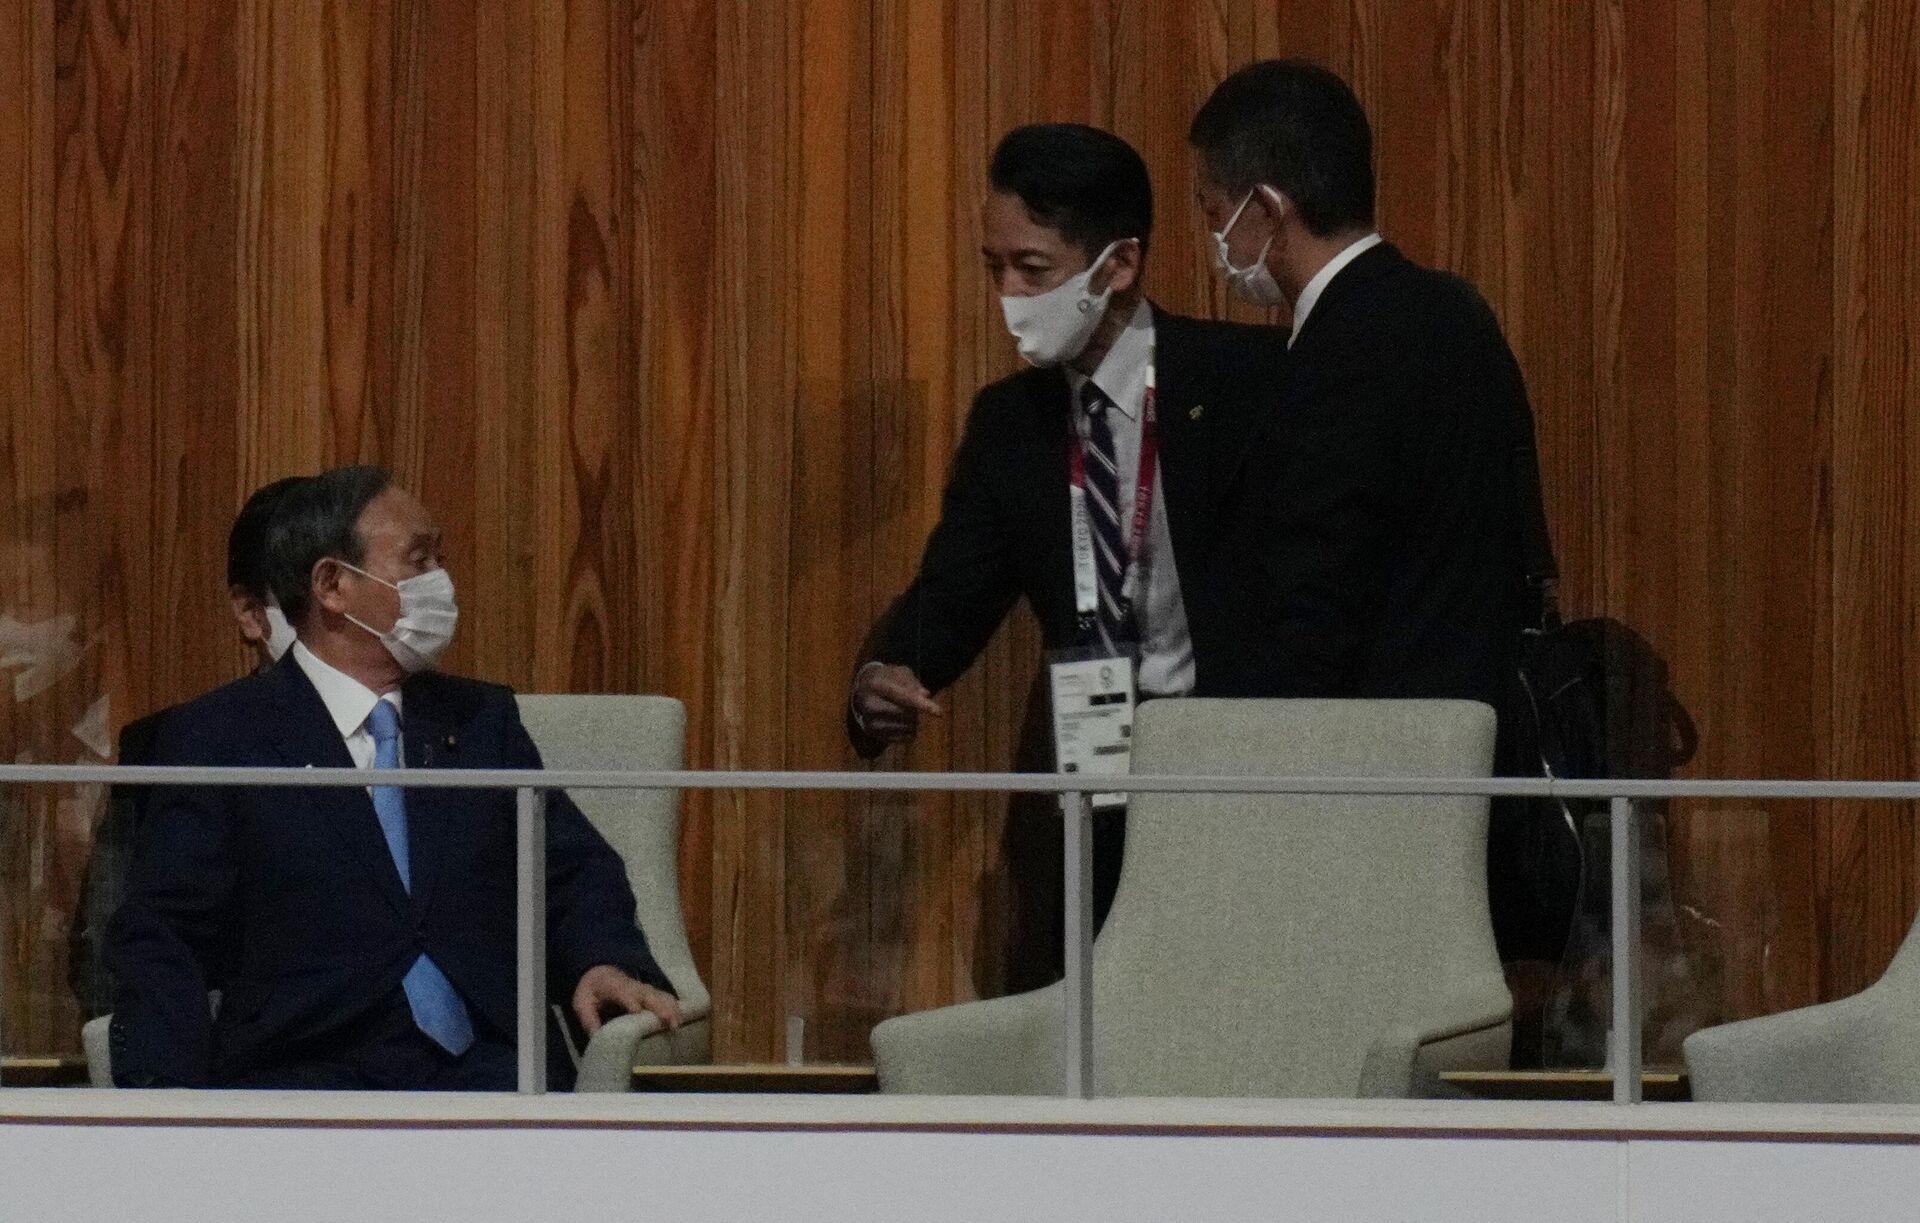 Премьер-министр Японии Ёсихидэ Суга (слева) на церемонии открытия XXXII летних Олимпийских игр в Токио - Sputnik Латвия, 1920, 03.09.2021